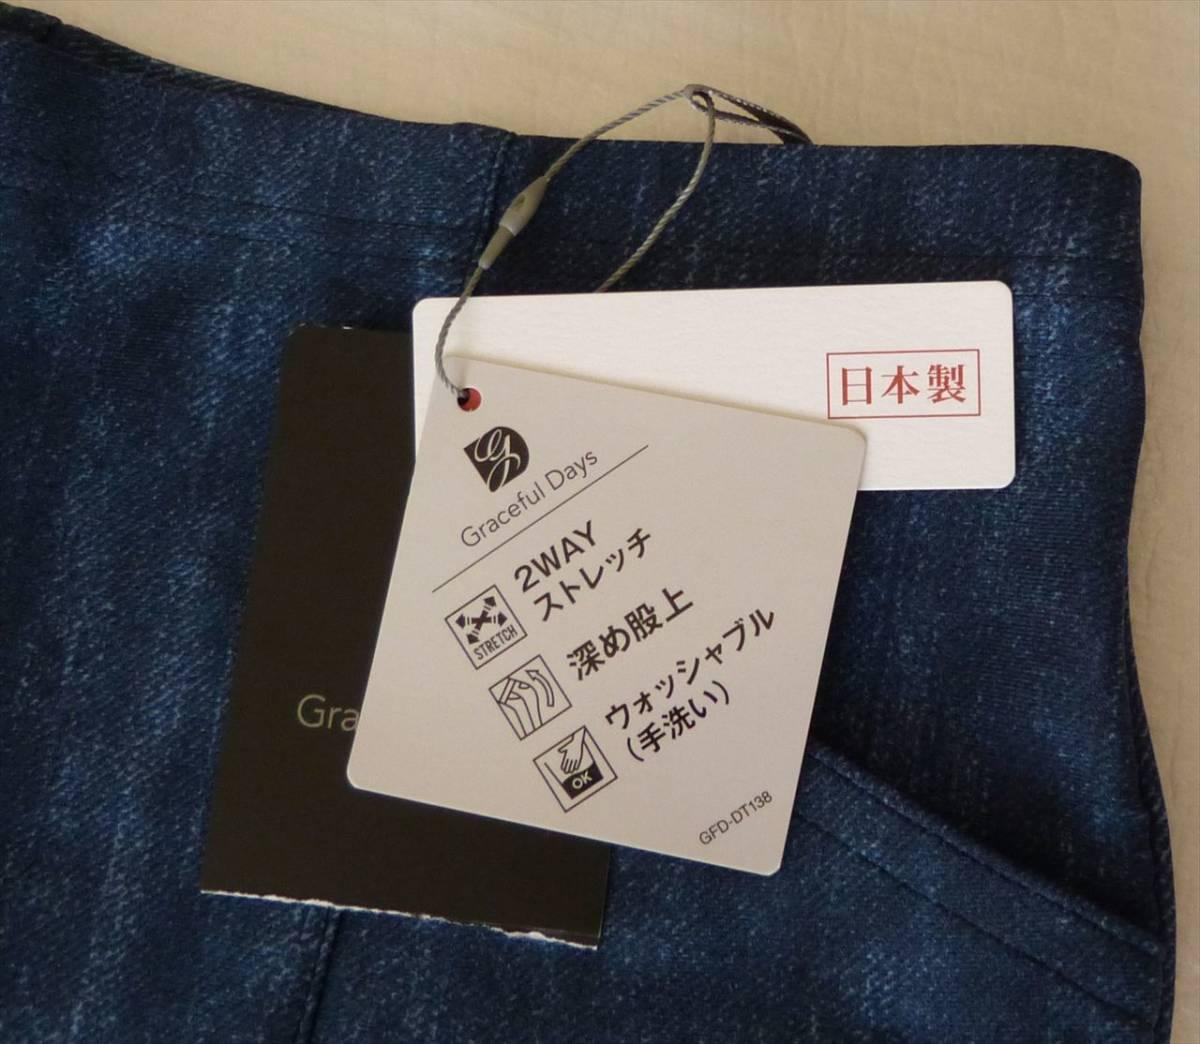 ★ 新品タグ付き ストレッチパンツ 日本製 藍色 ★_画像2